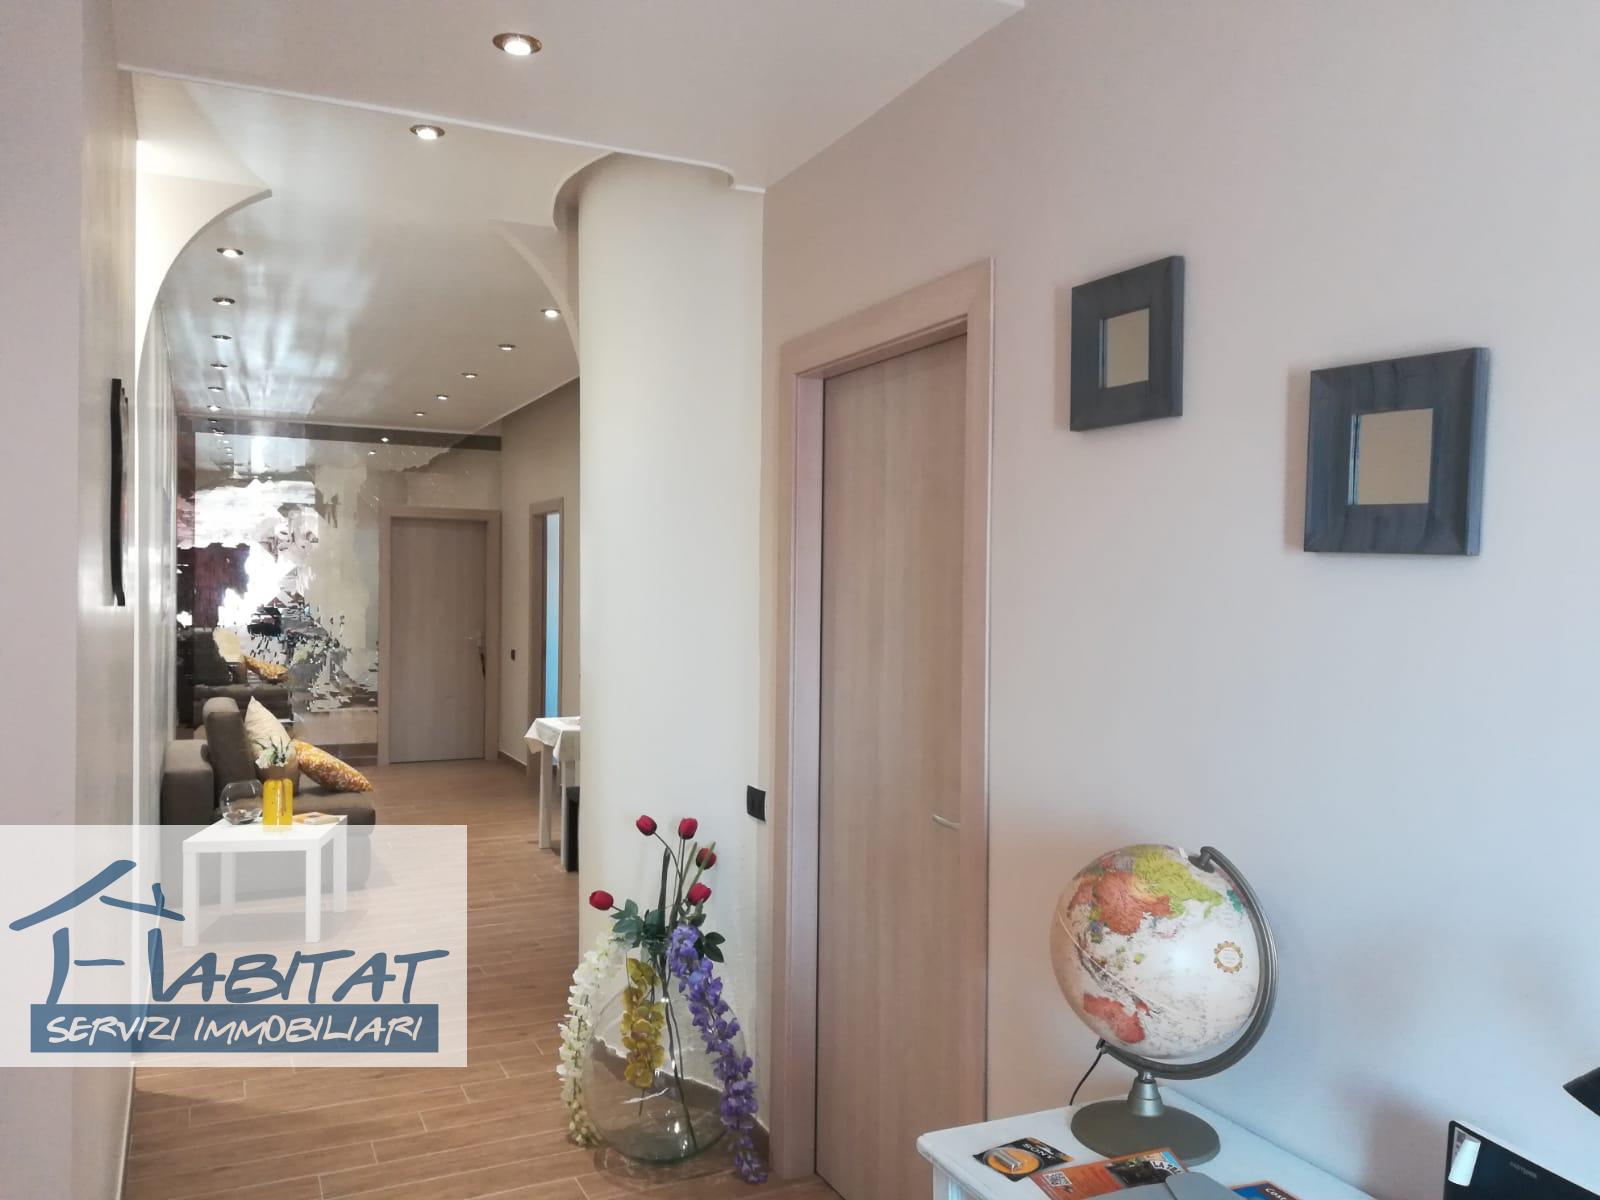 Appartamento in vendita a Agrigento, 5 locali, zona Località: VillaggioMosè, prezzo € 93.000 | CambioCasa.it